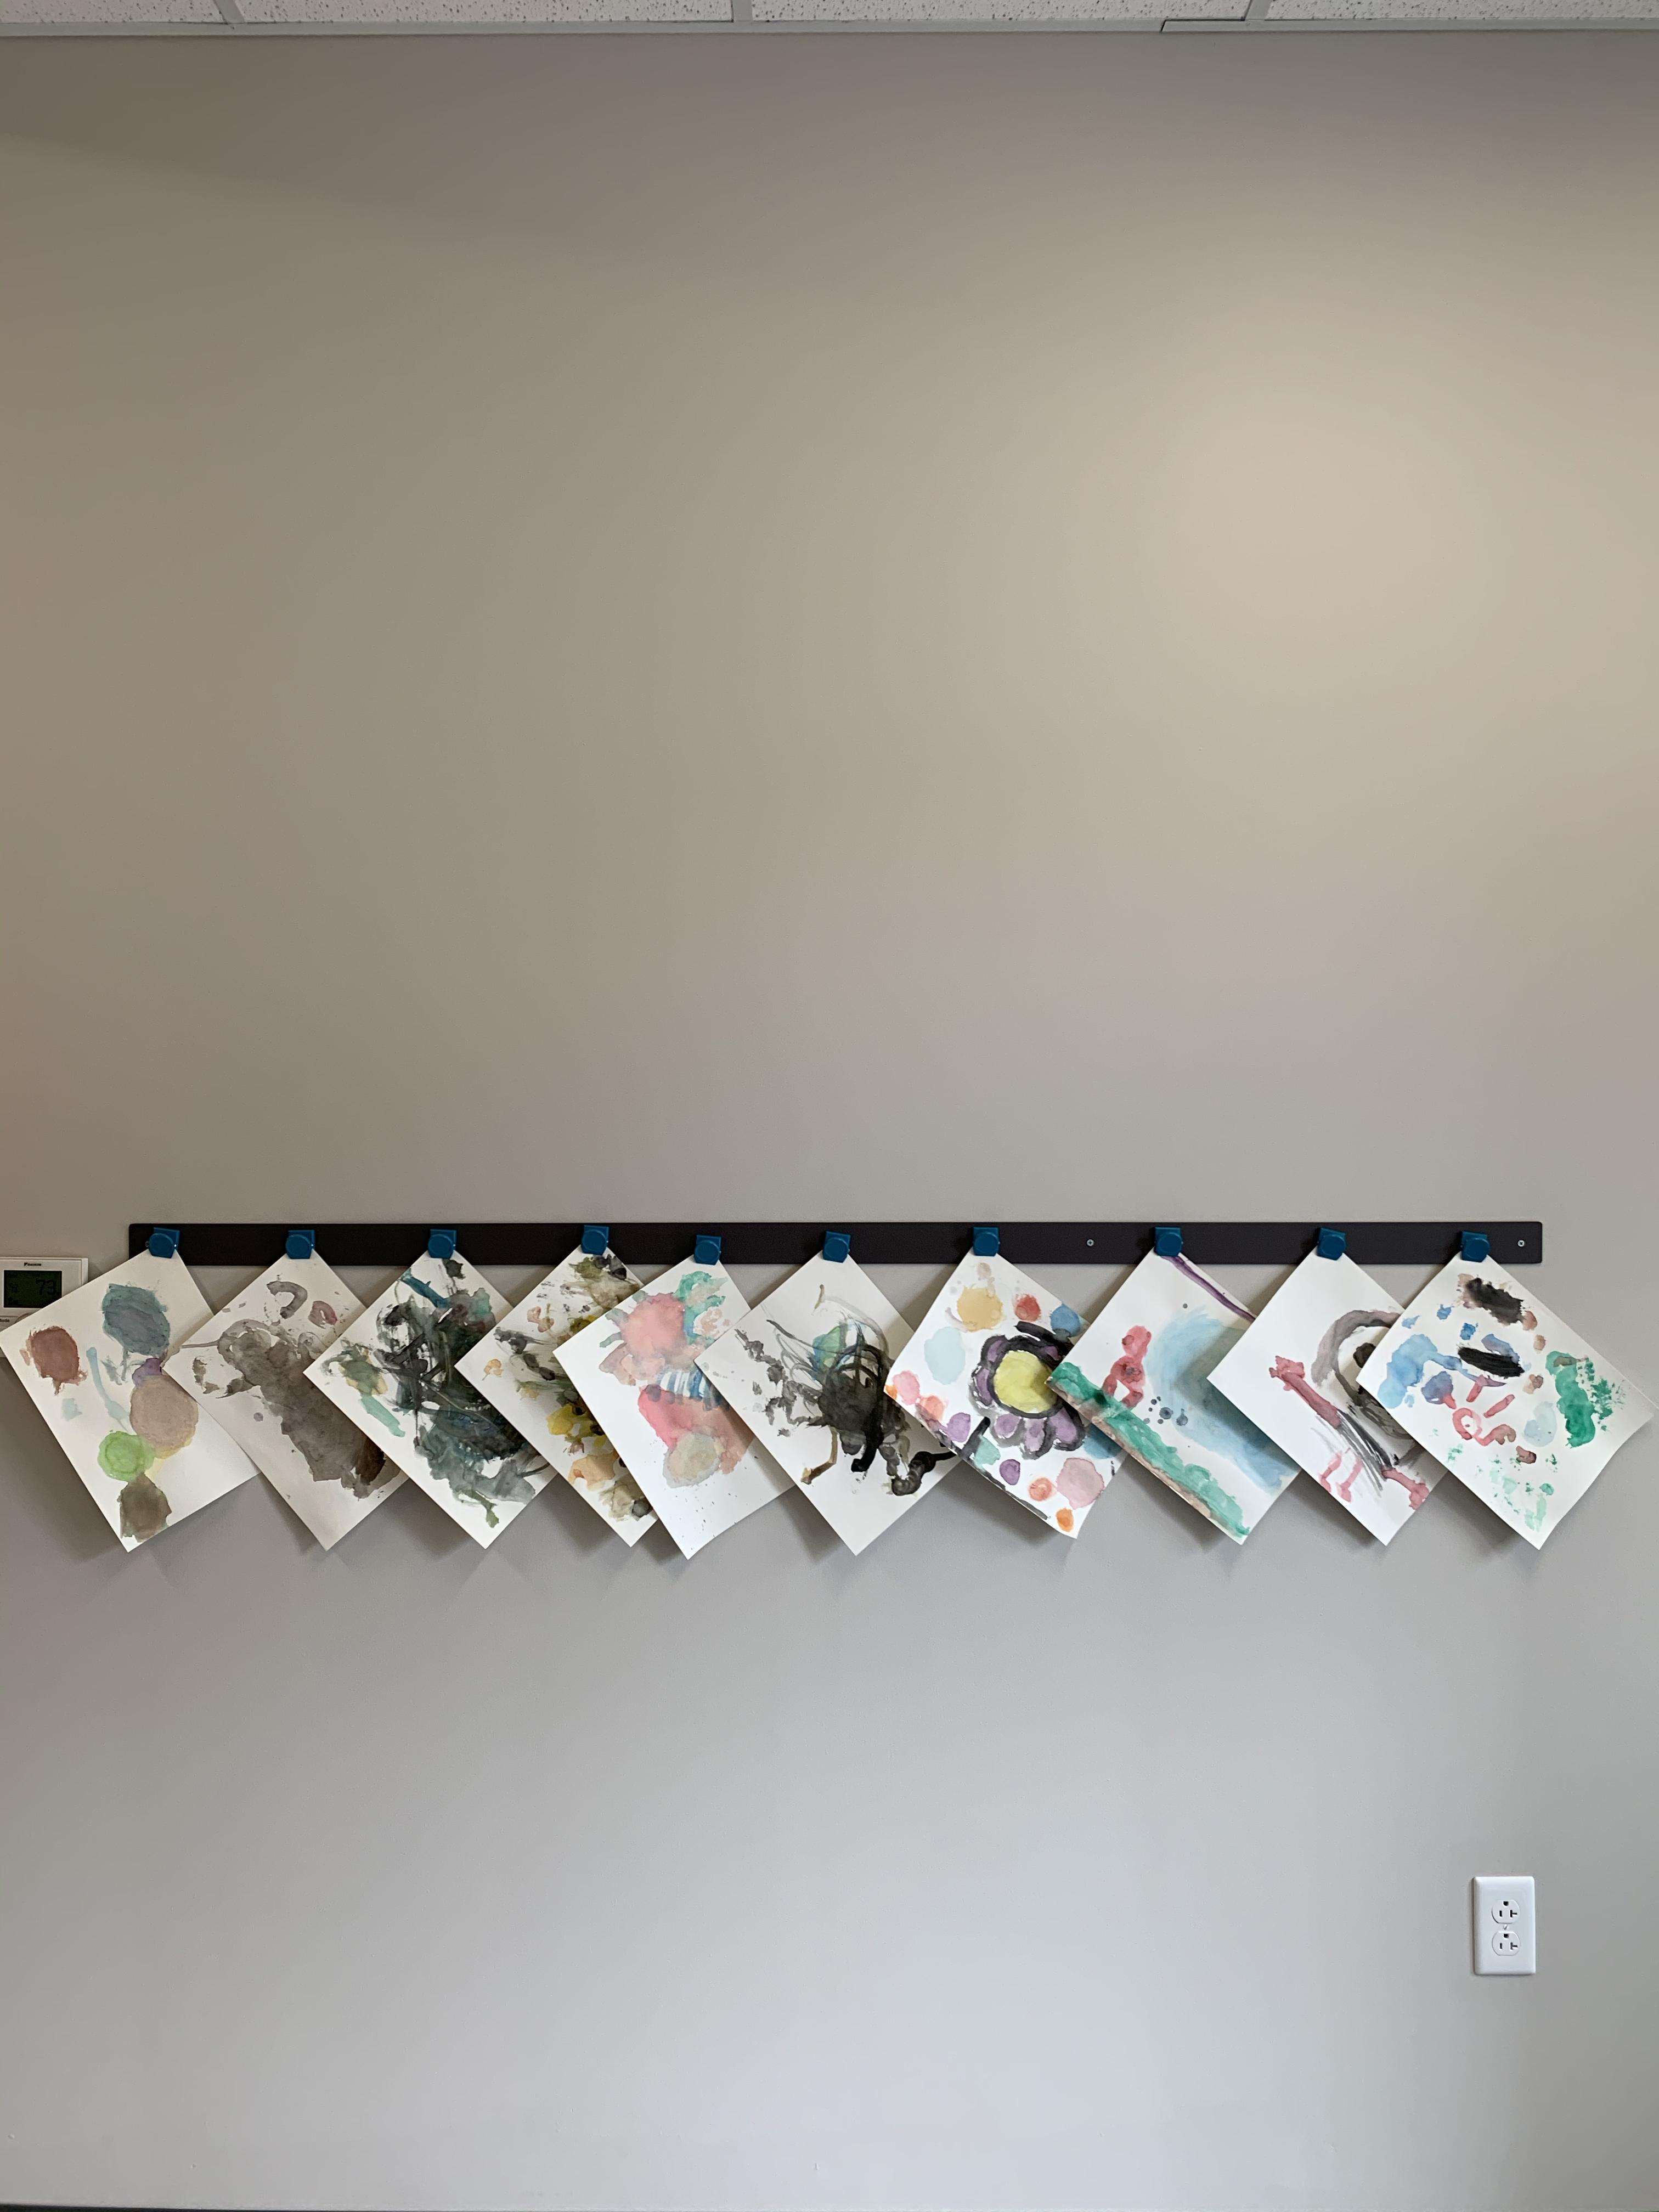 Welcome to the Doris Hoffman Art Gallery